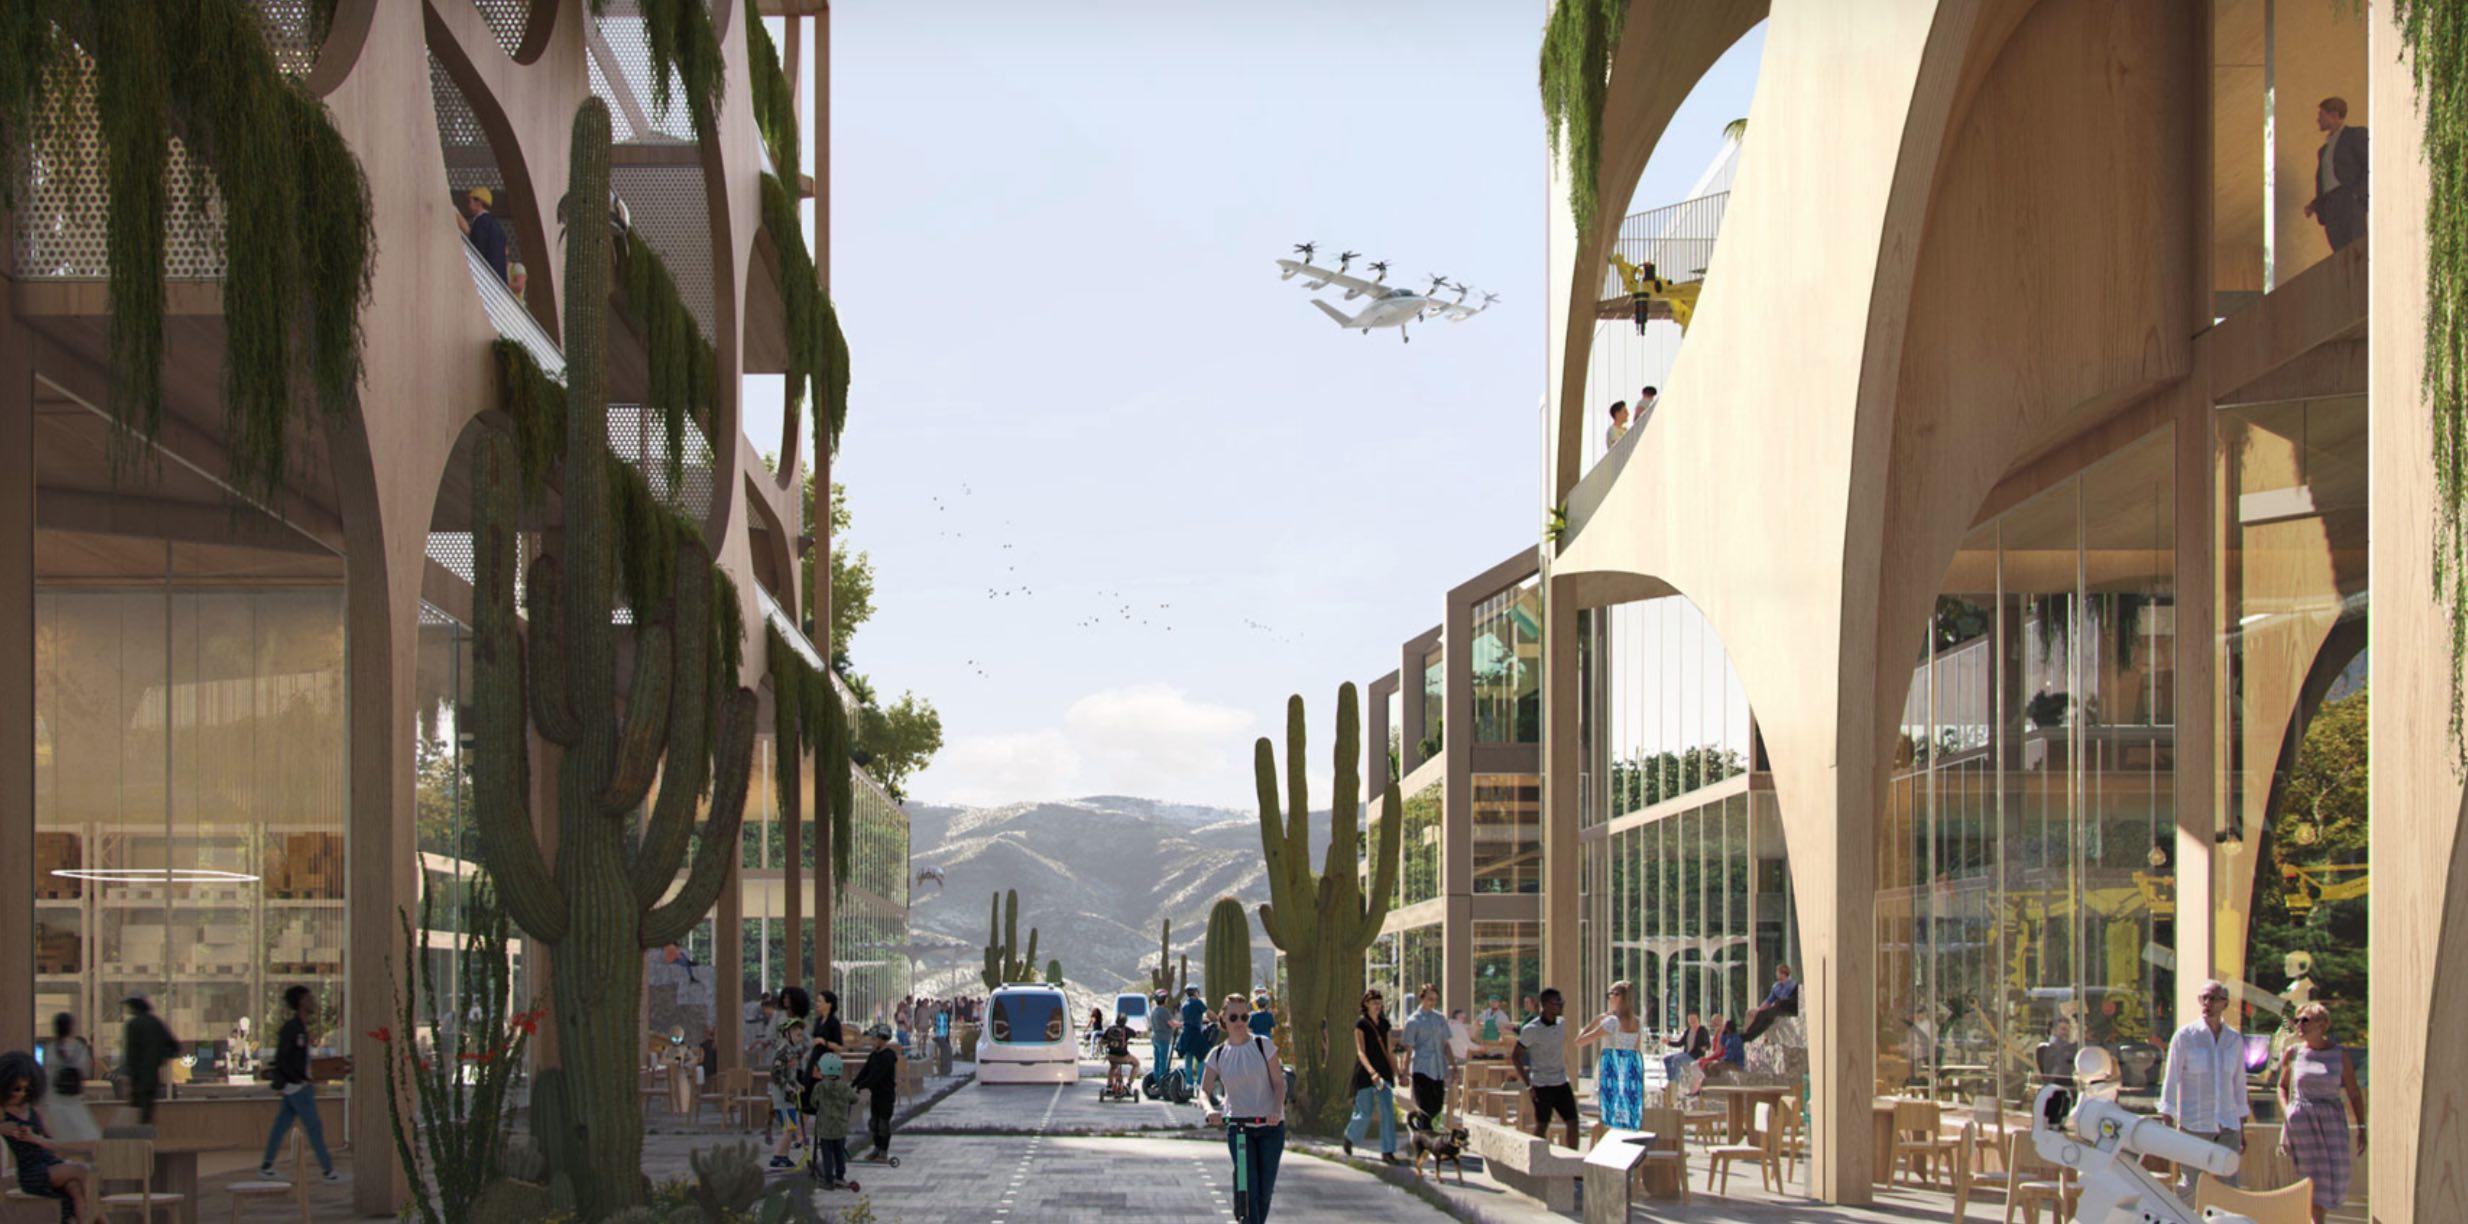 екологічне місто майбутнього